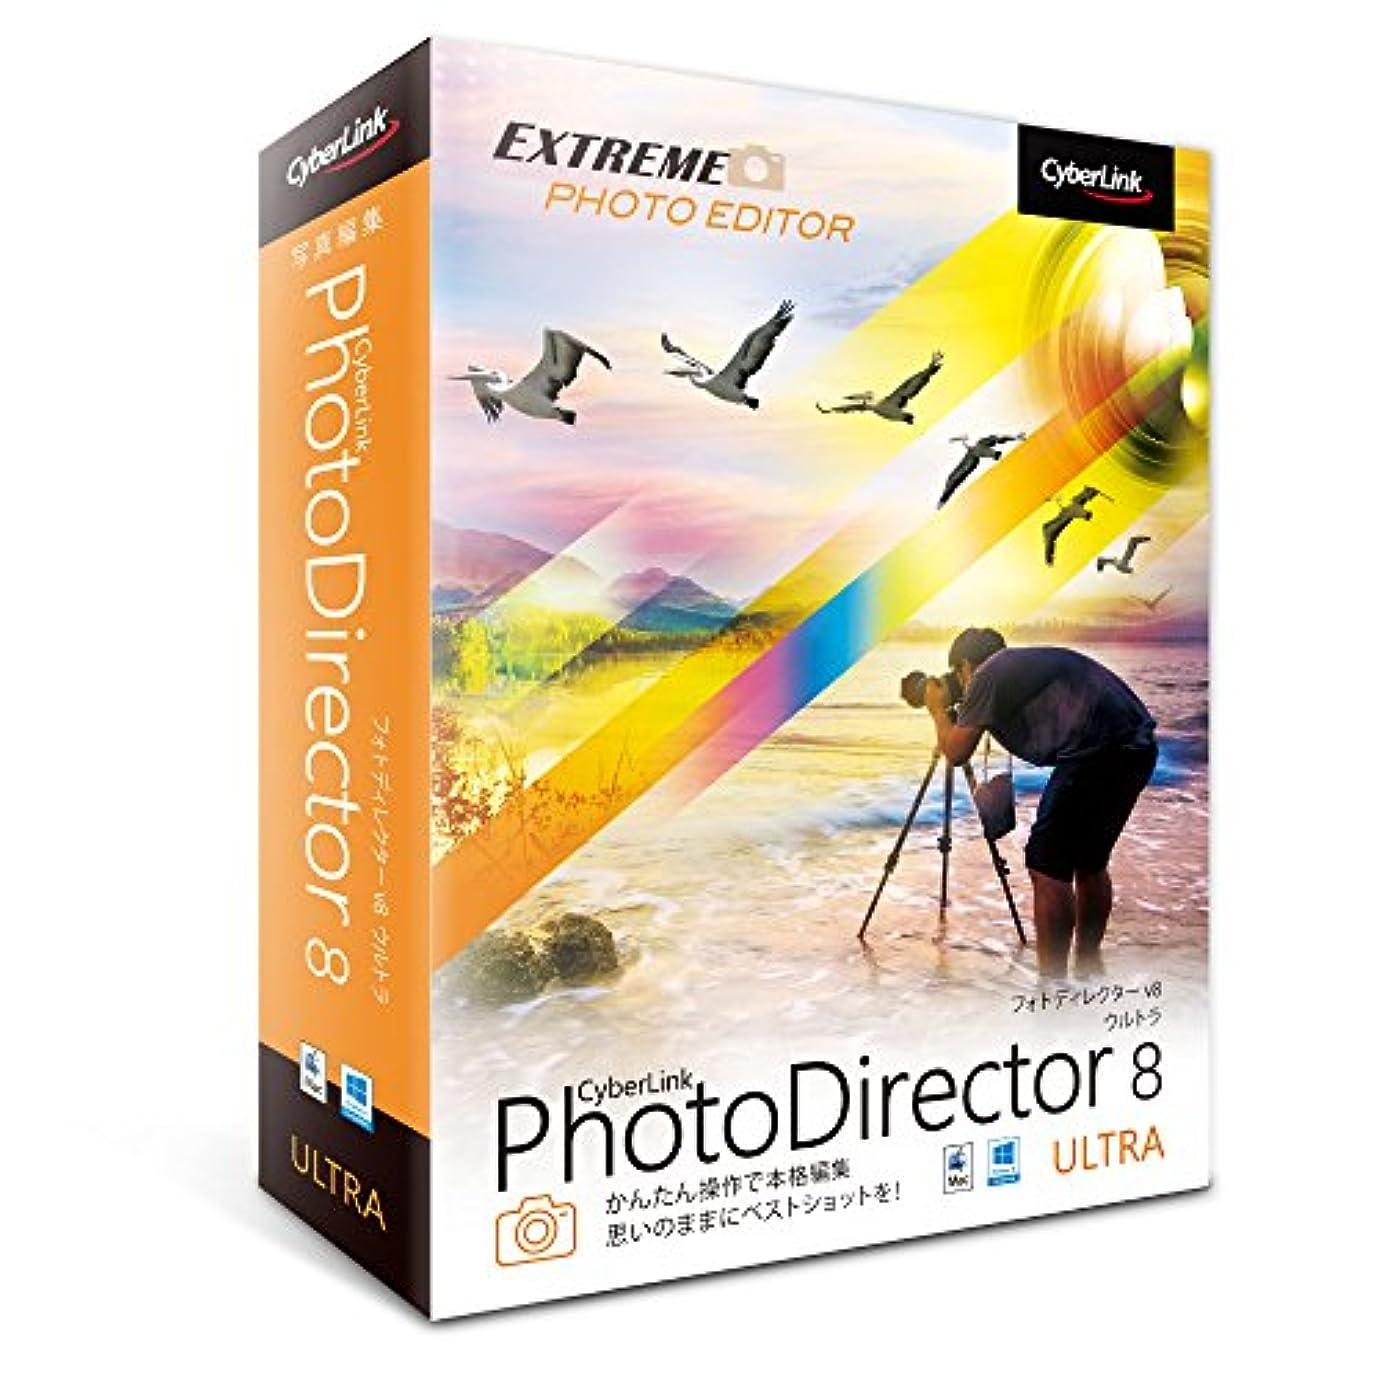 北あなたが良くなります戻すサイバーリンク PhotoDirector 8 Ultra 通常版